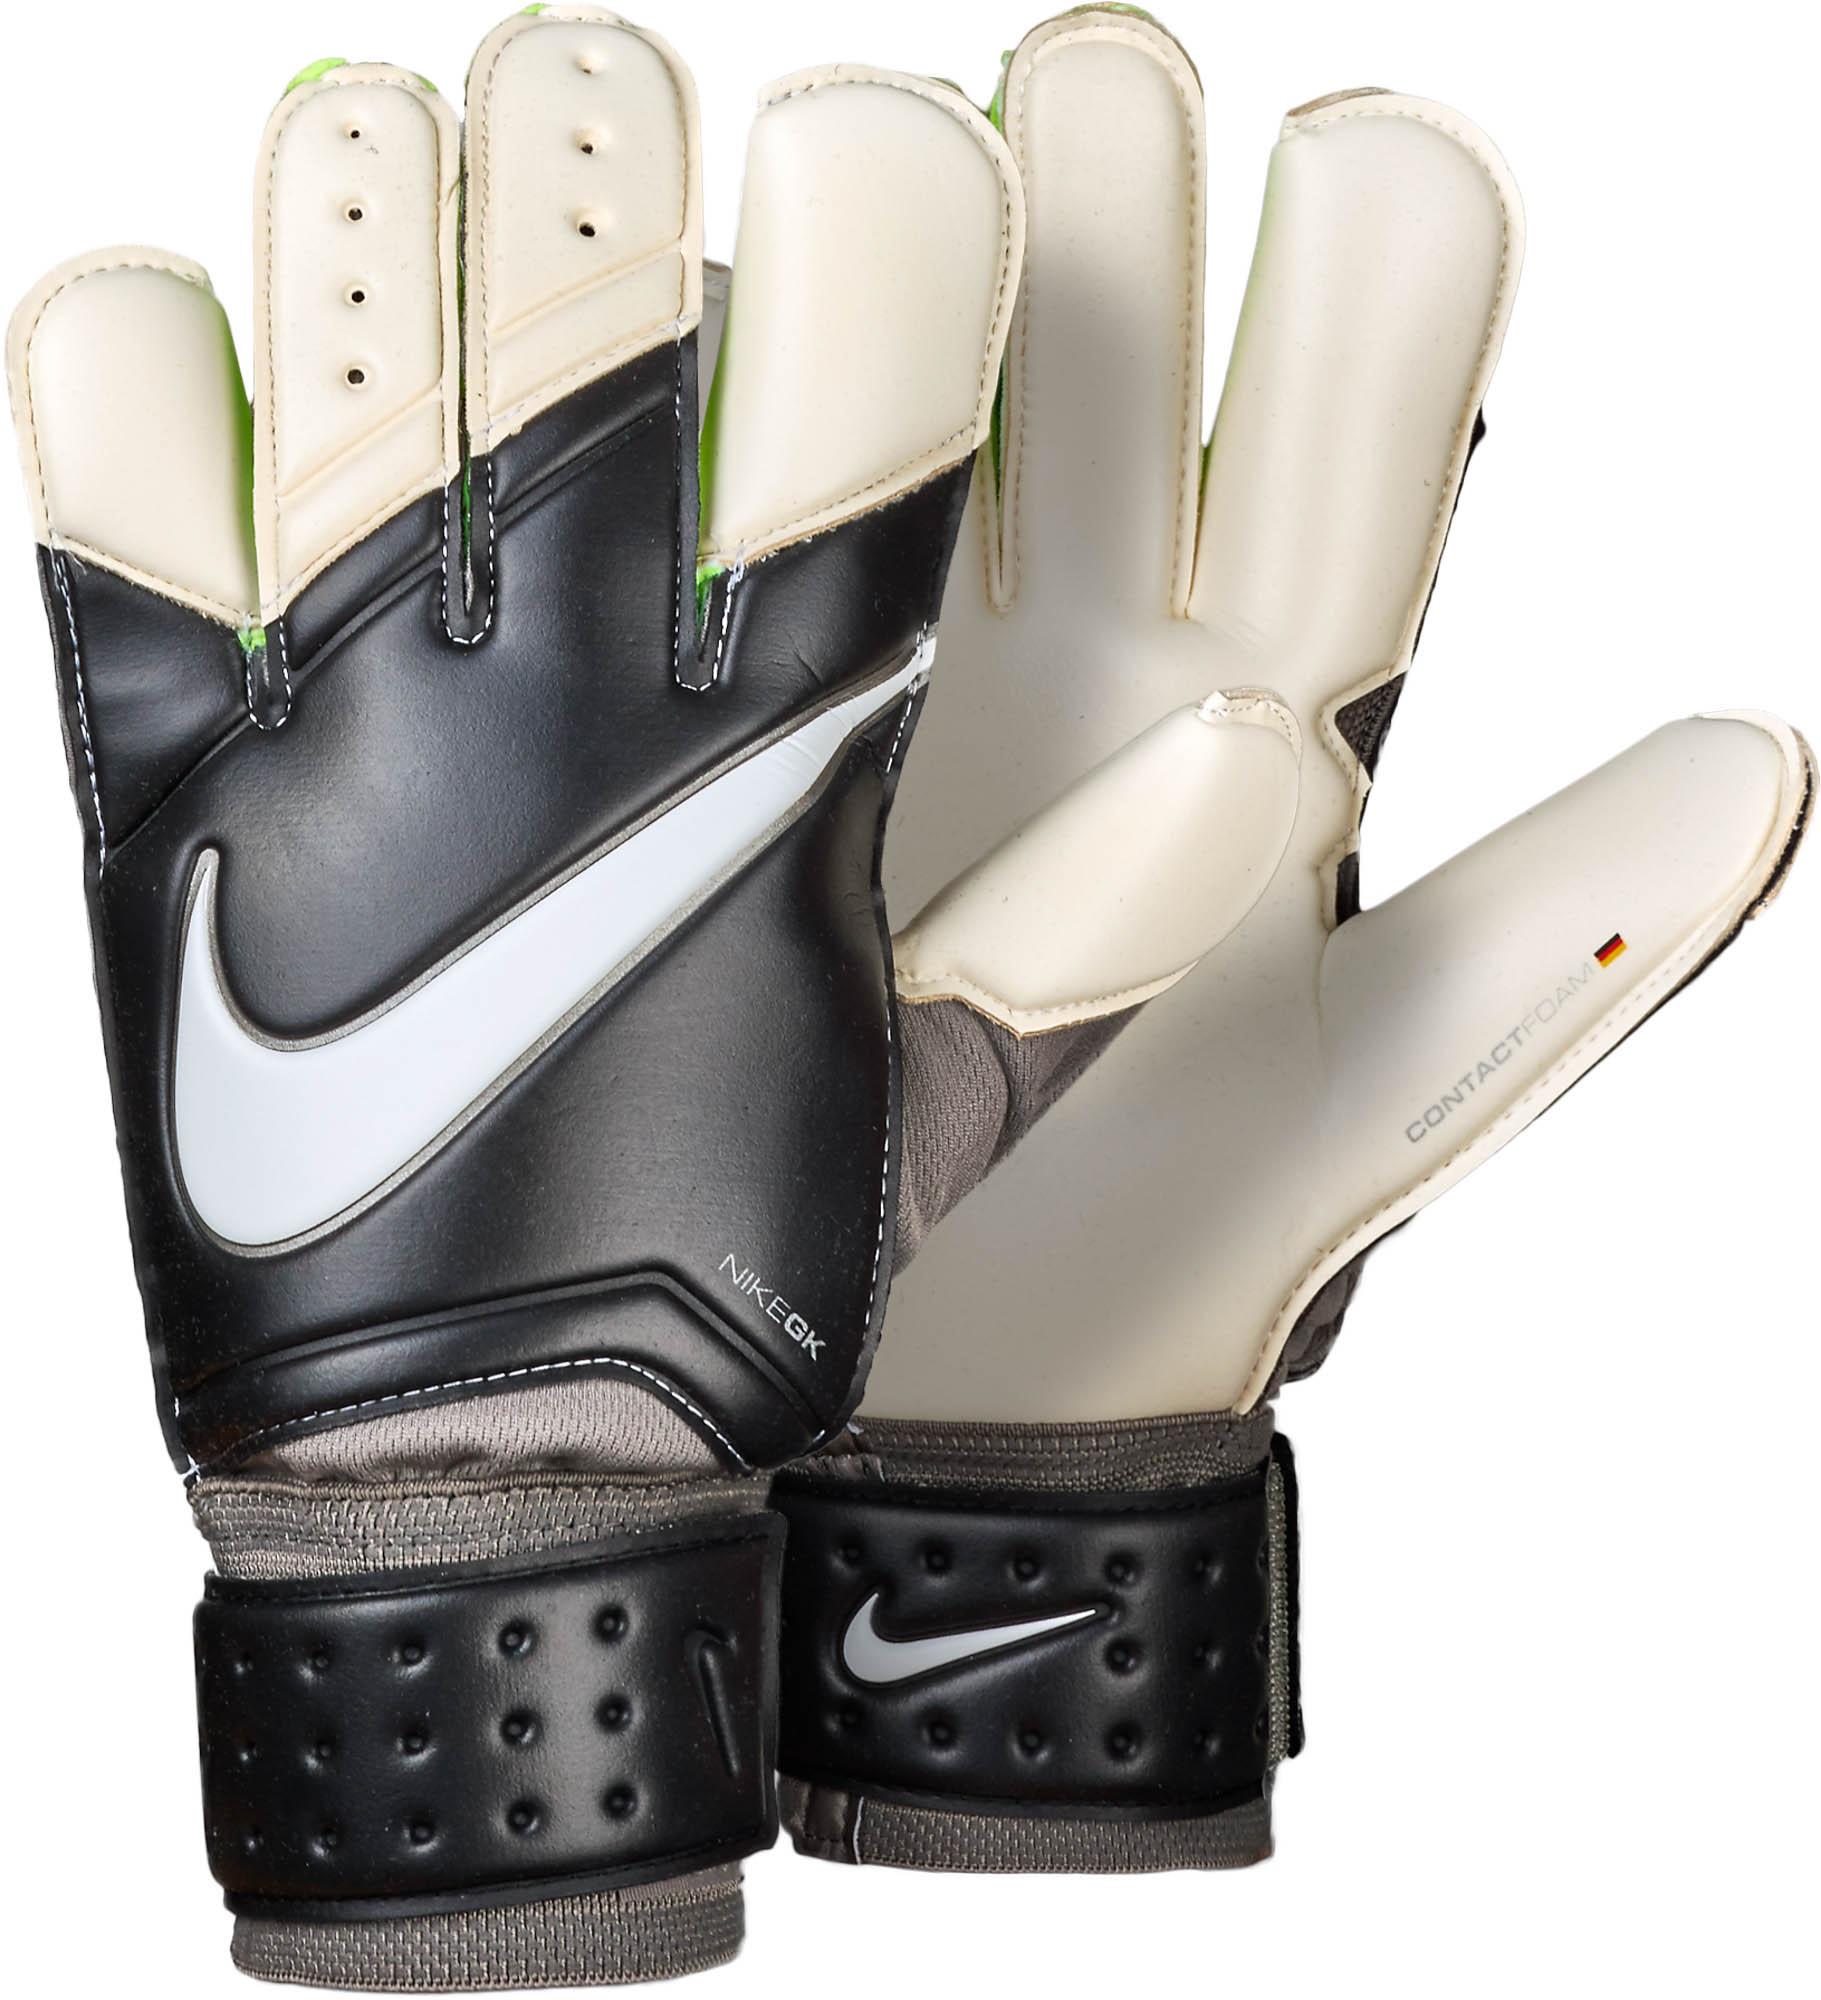 Nike Vapor Grip 3 Goalkeeper Gloves \u2013 Black/White